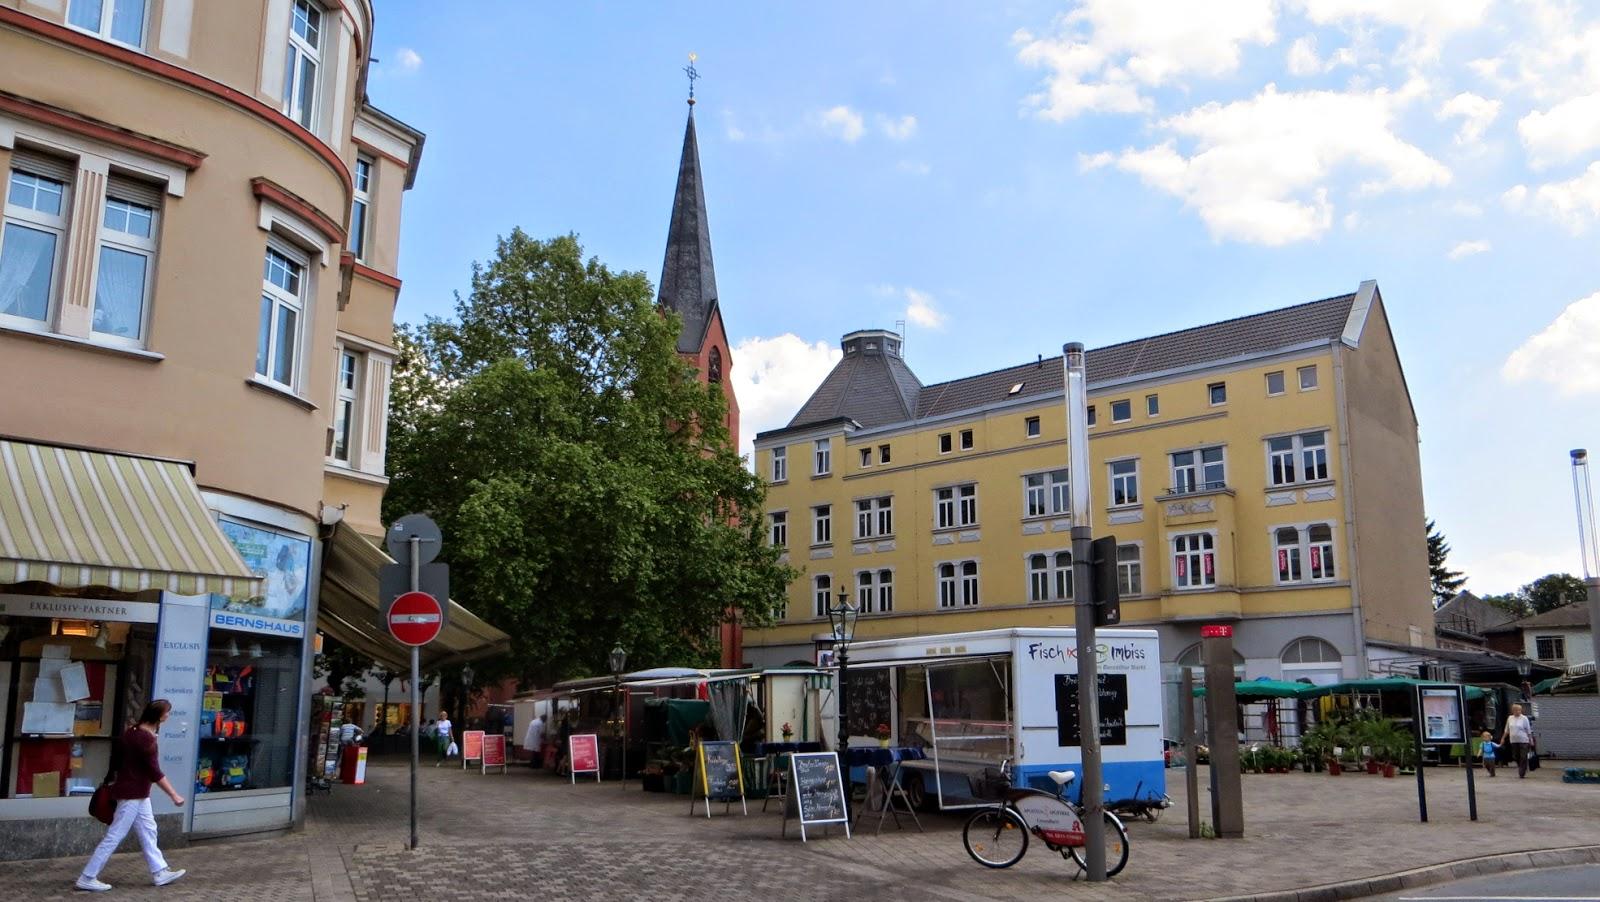 Toom Gartenmobel Annette : Düsseldorf Benrath Stadtteilinformationen, Bilder & Ausflugstipps